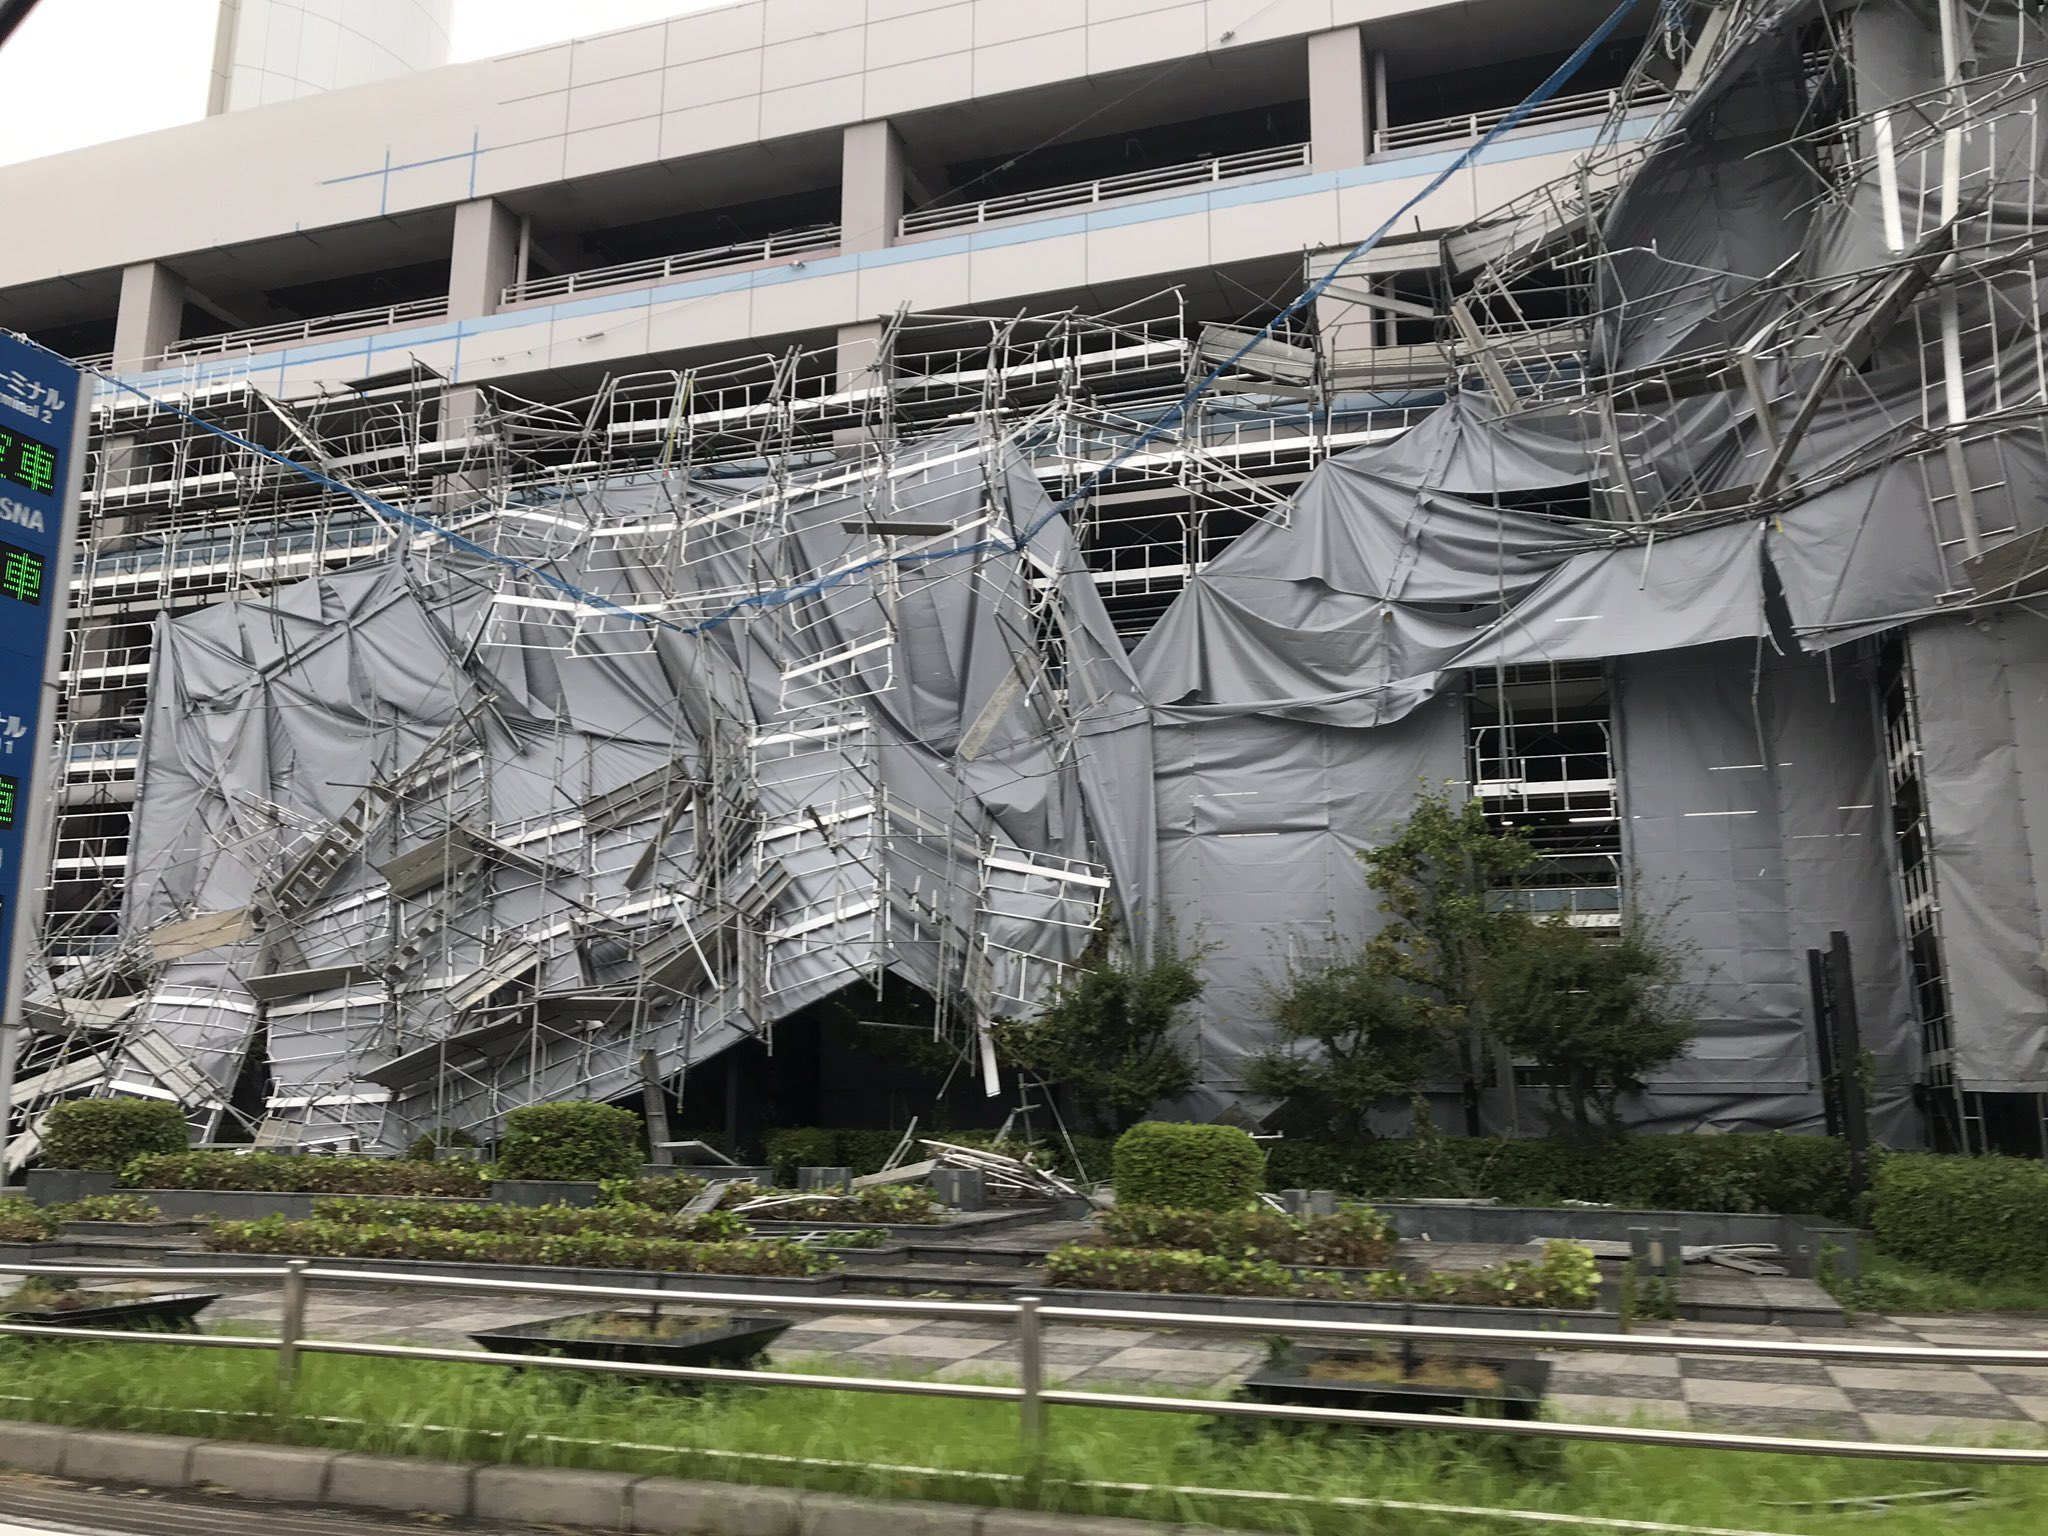 画像,羽田空港の駐車場、工事用足場が崩壊しとる… https://t.co/iCgthsx3S9。